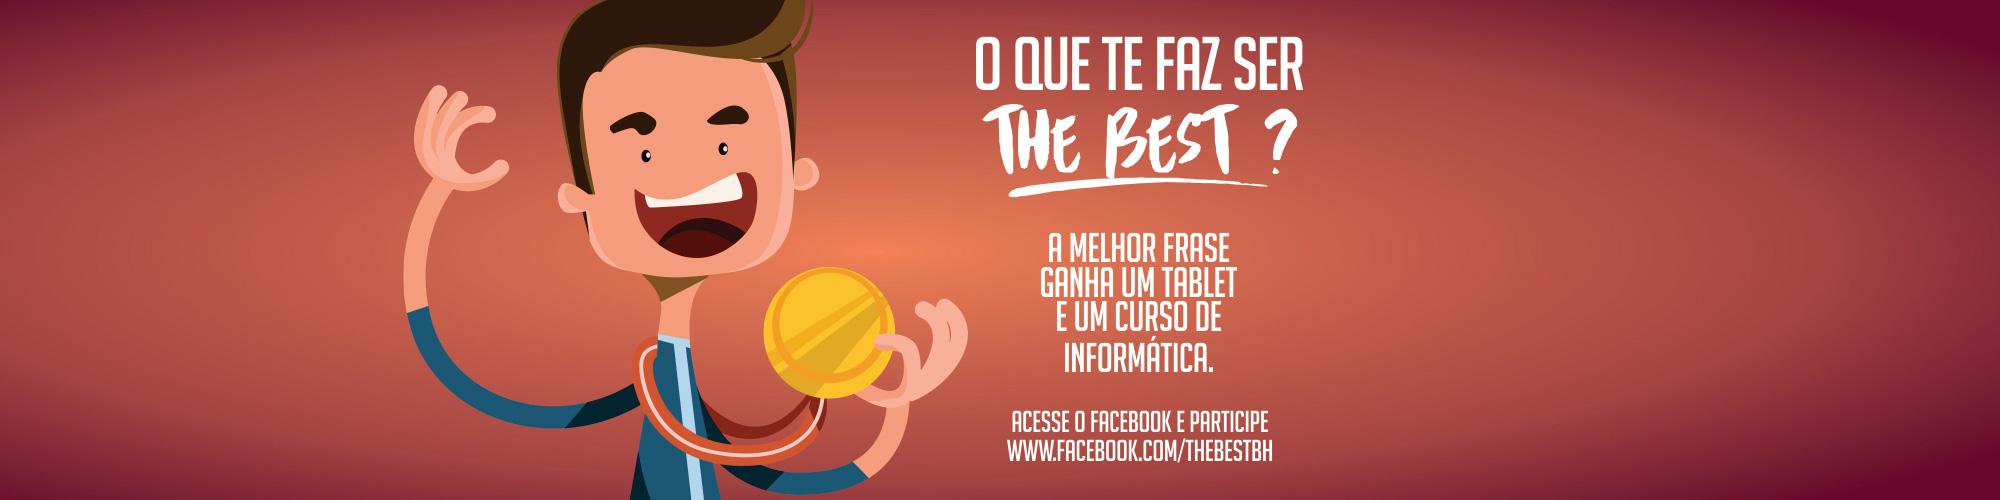 the-best-promoção-tablet-BANNER-SITE-web